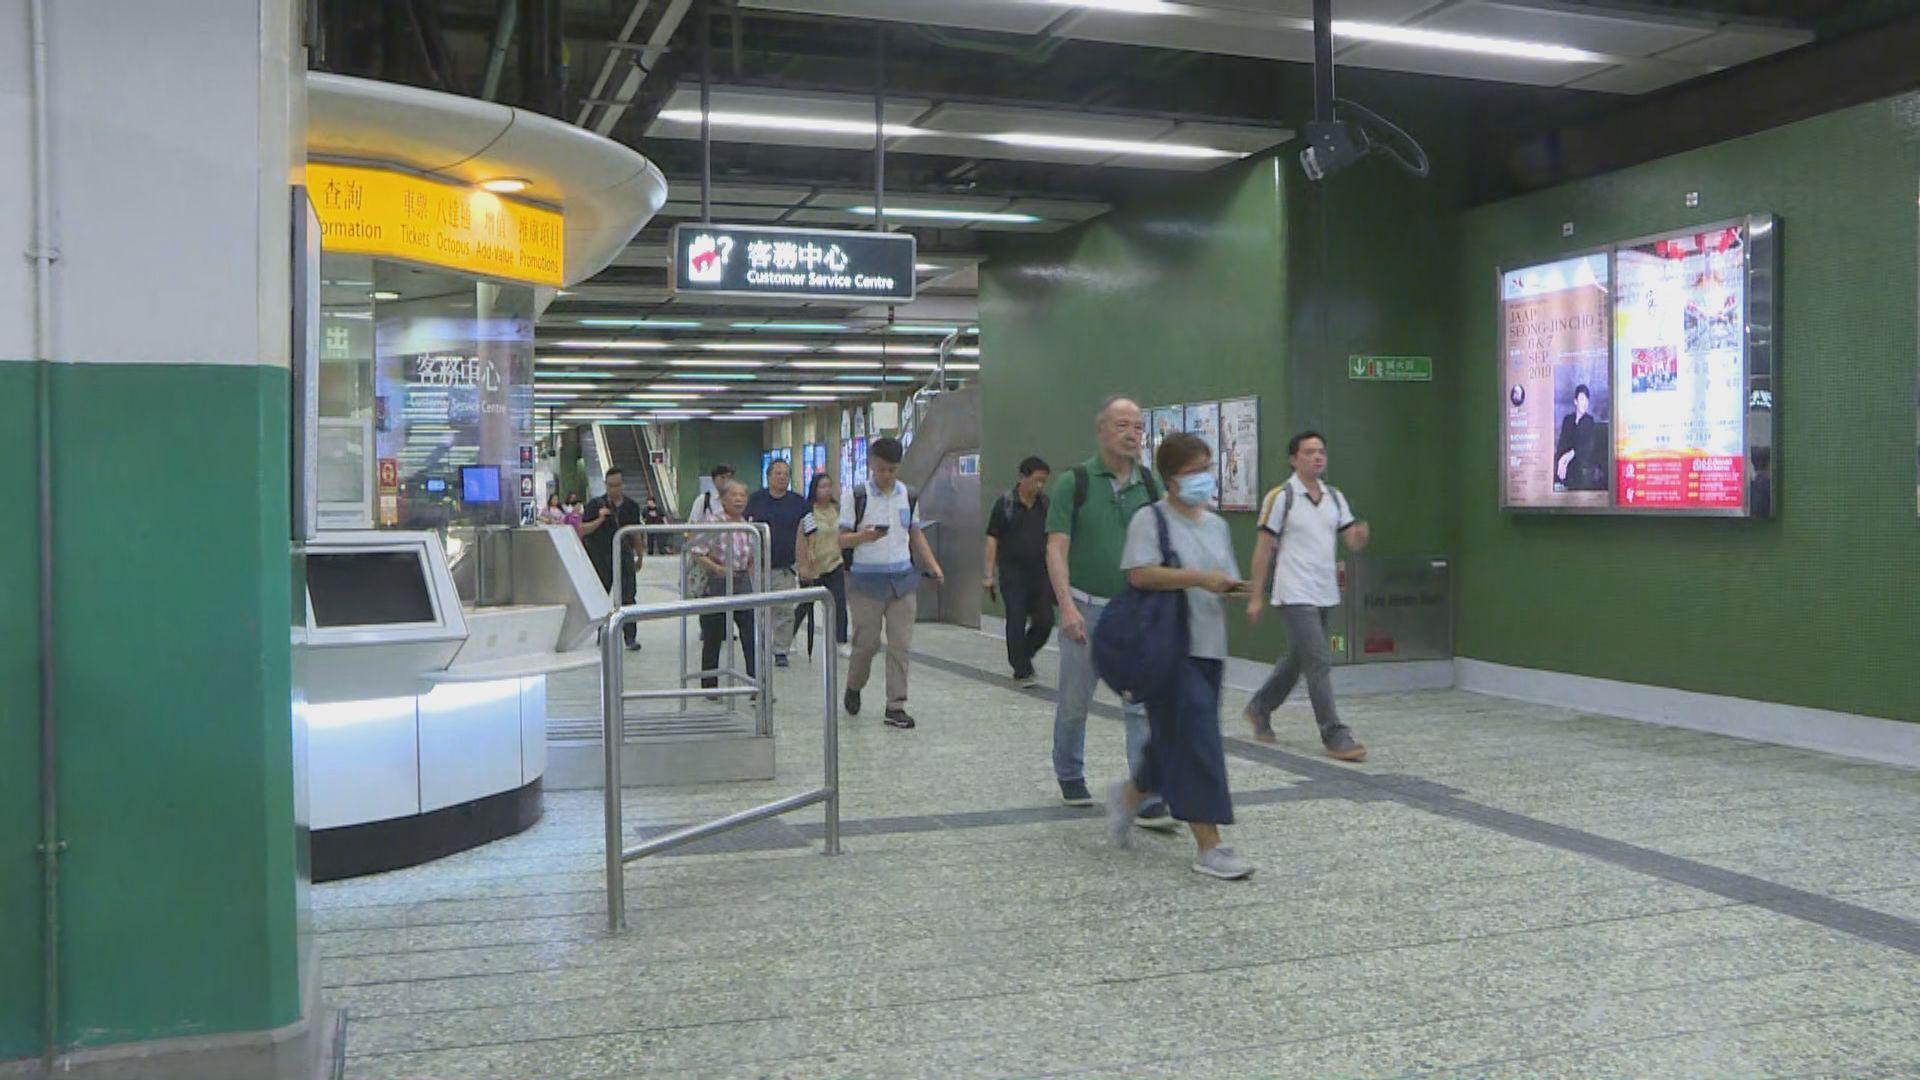 港鐵:已清洗葵芳站抽氣系統及閘機等設施